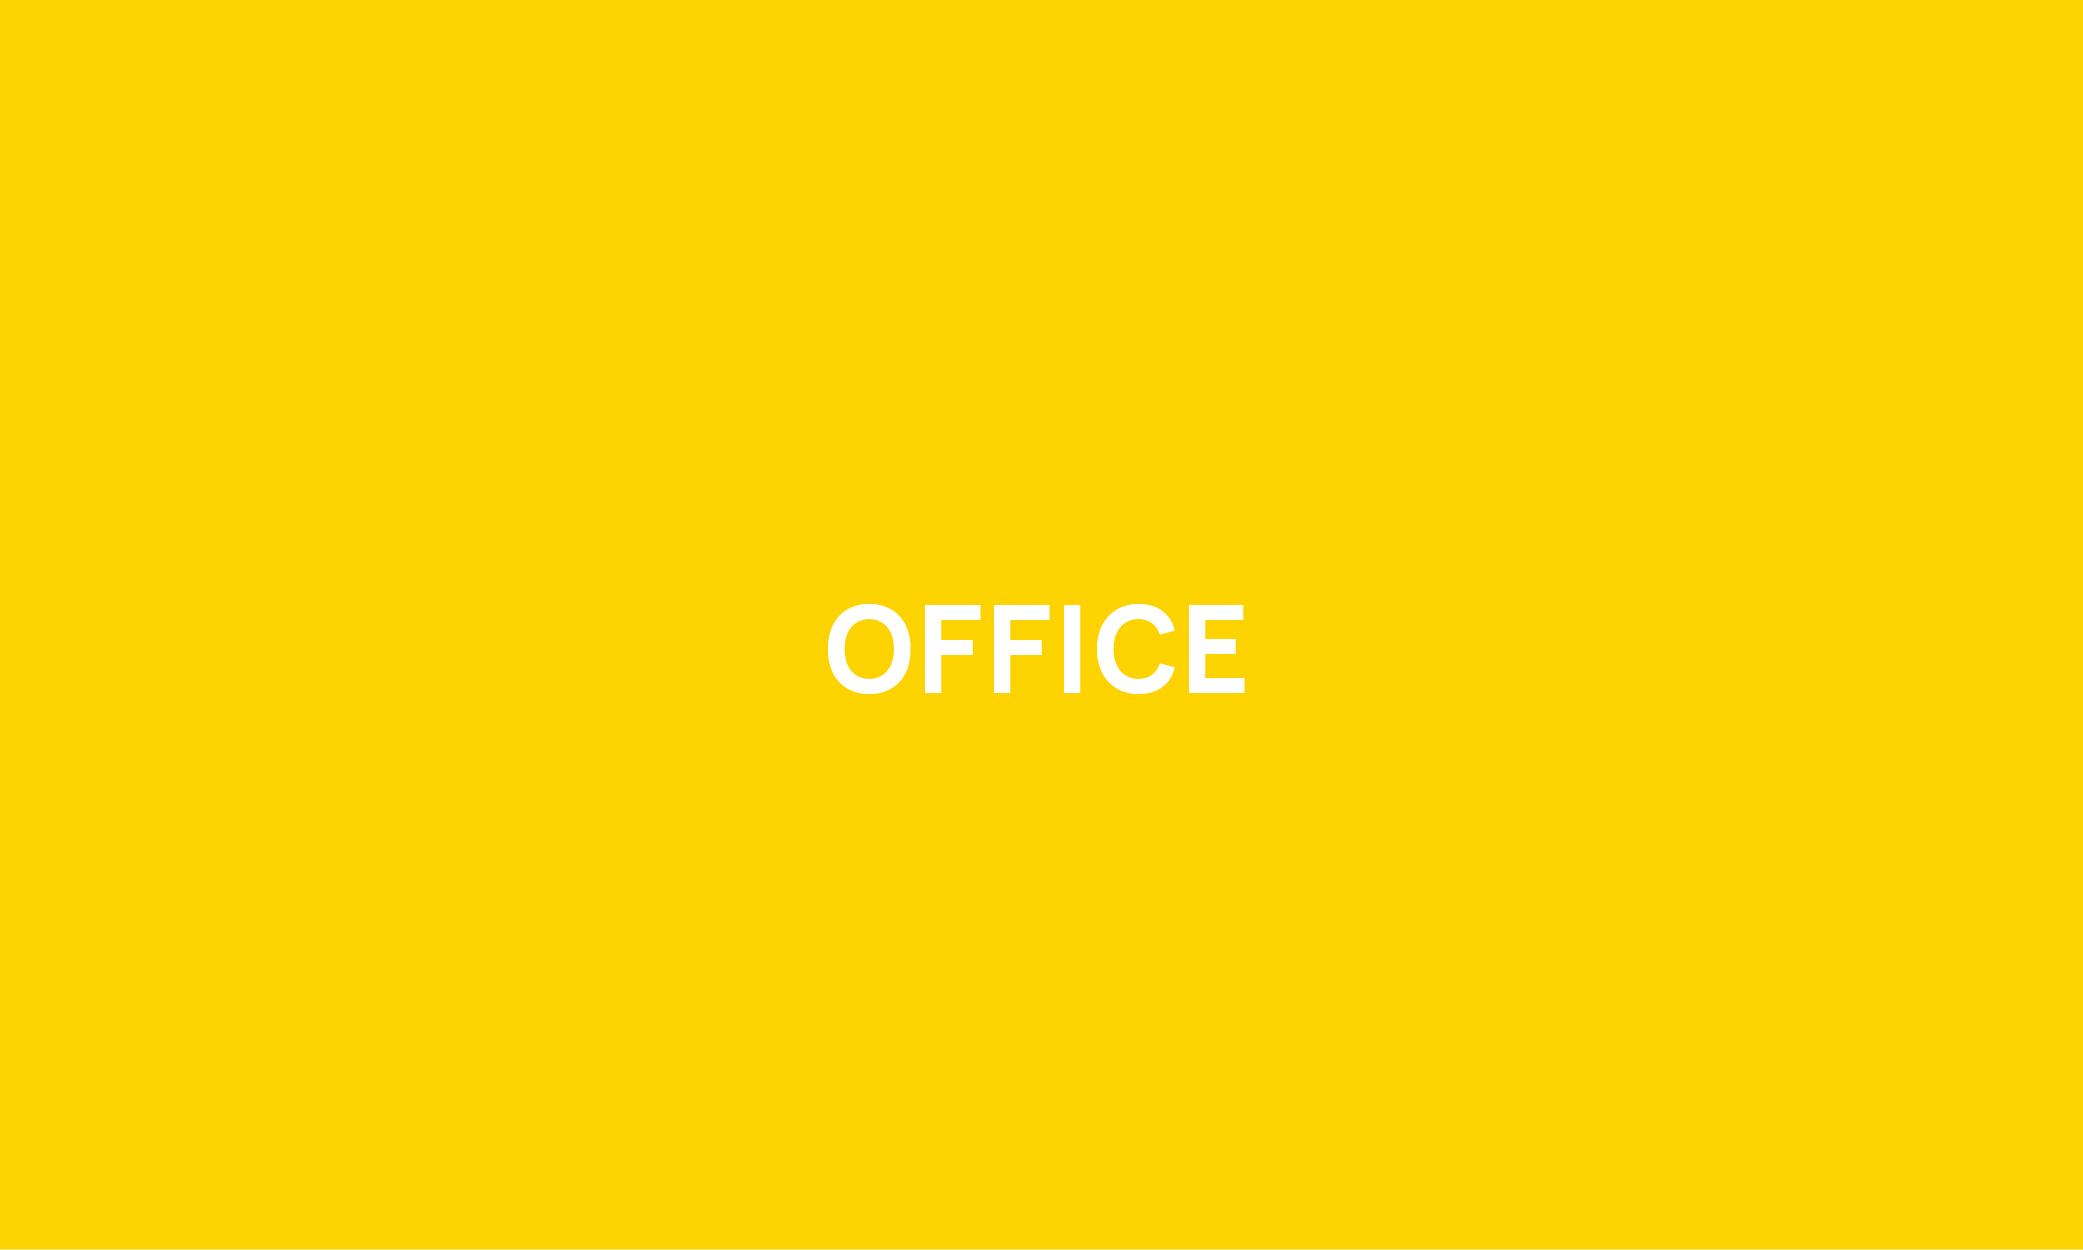 MSFV_Office-01